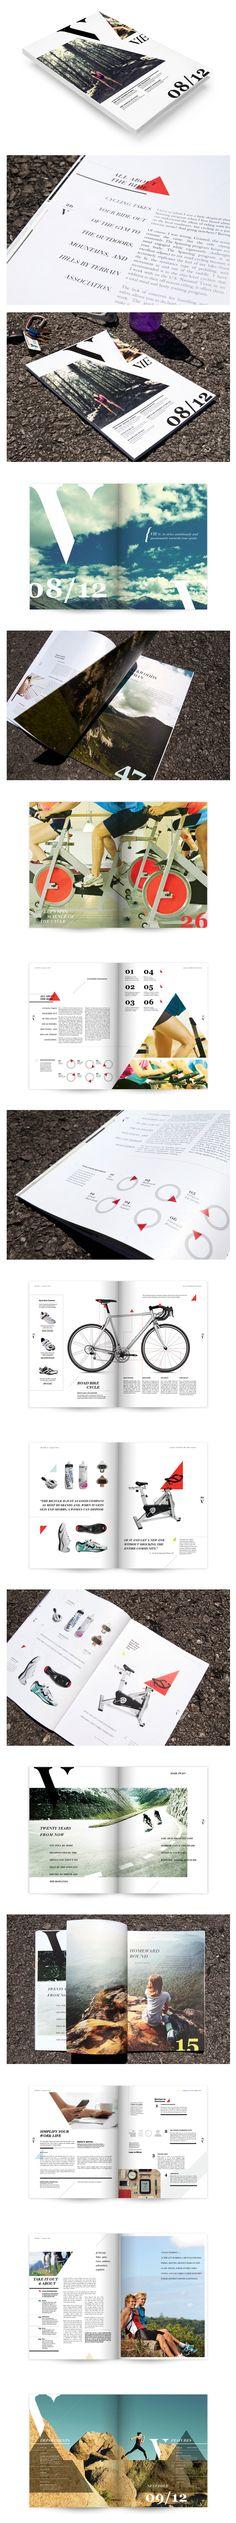 Vie #Magazine #design #graphicdesign #layout #editorial